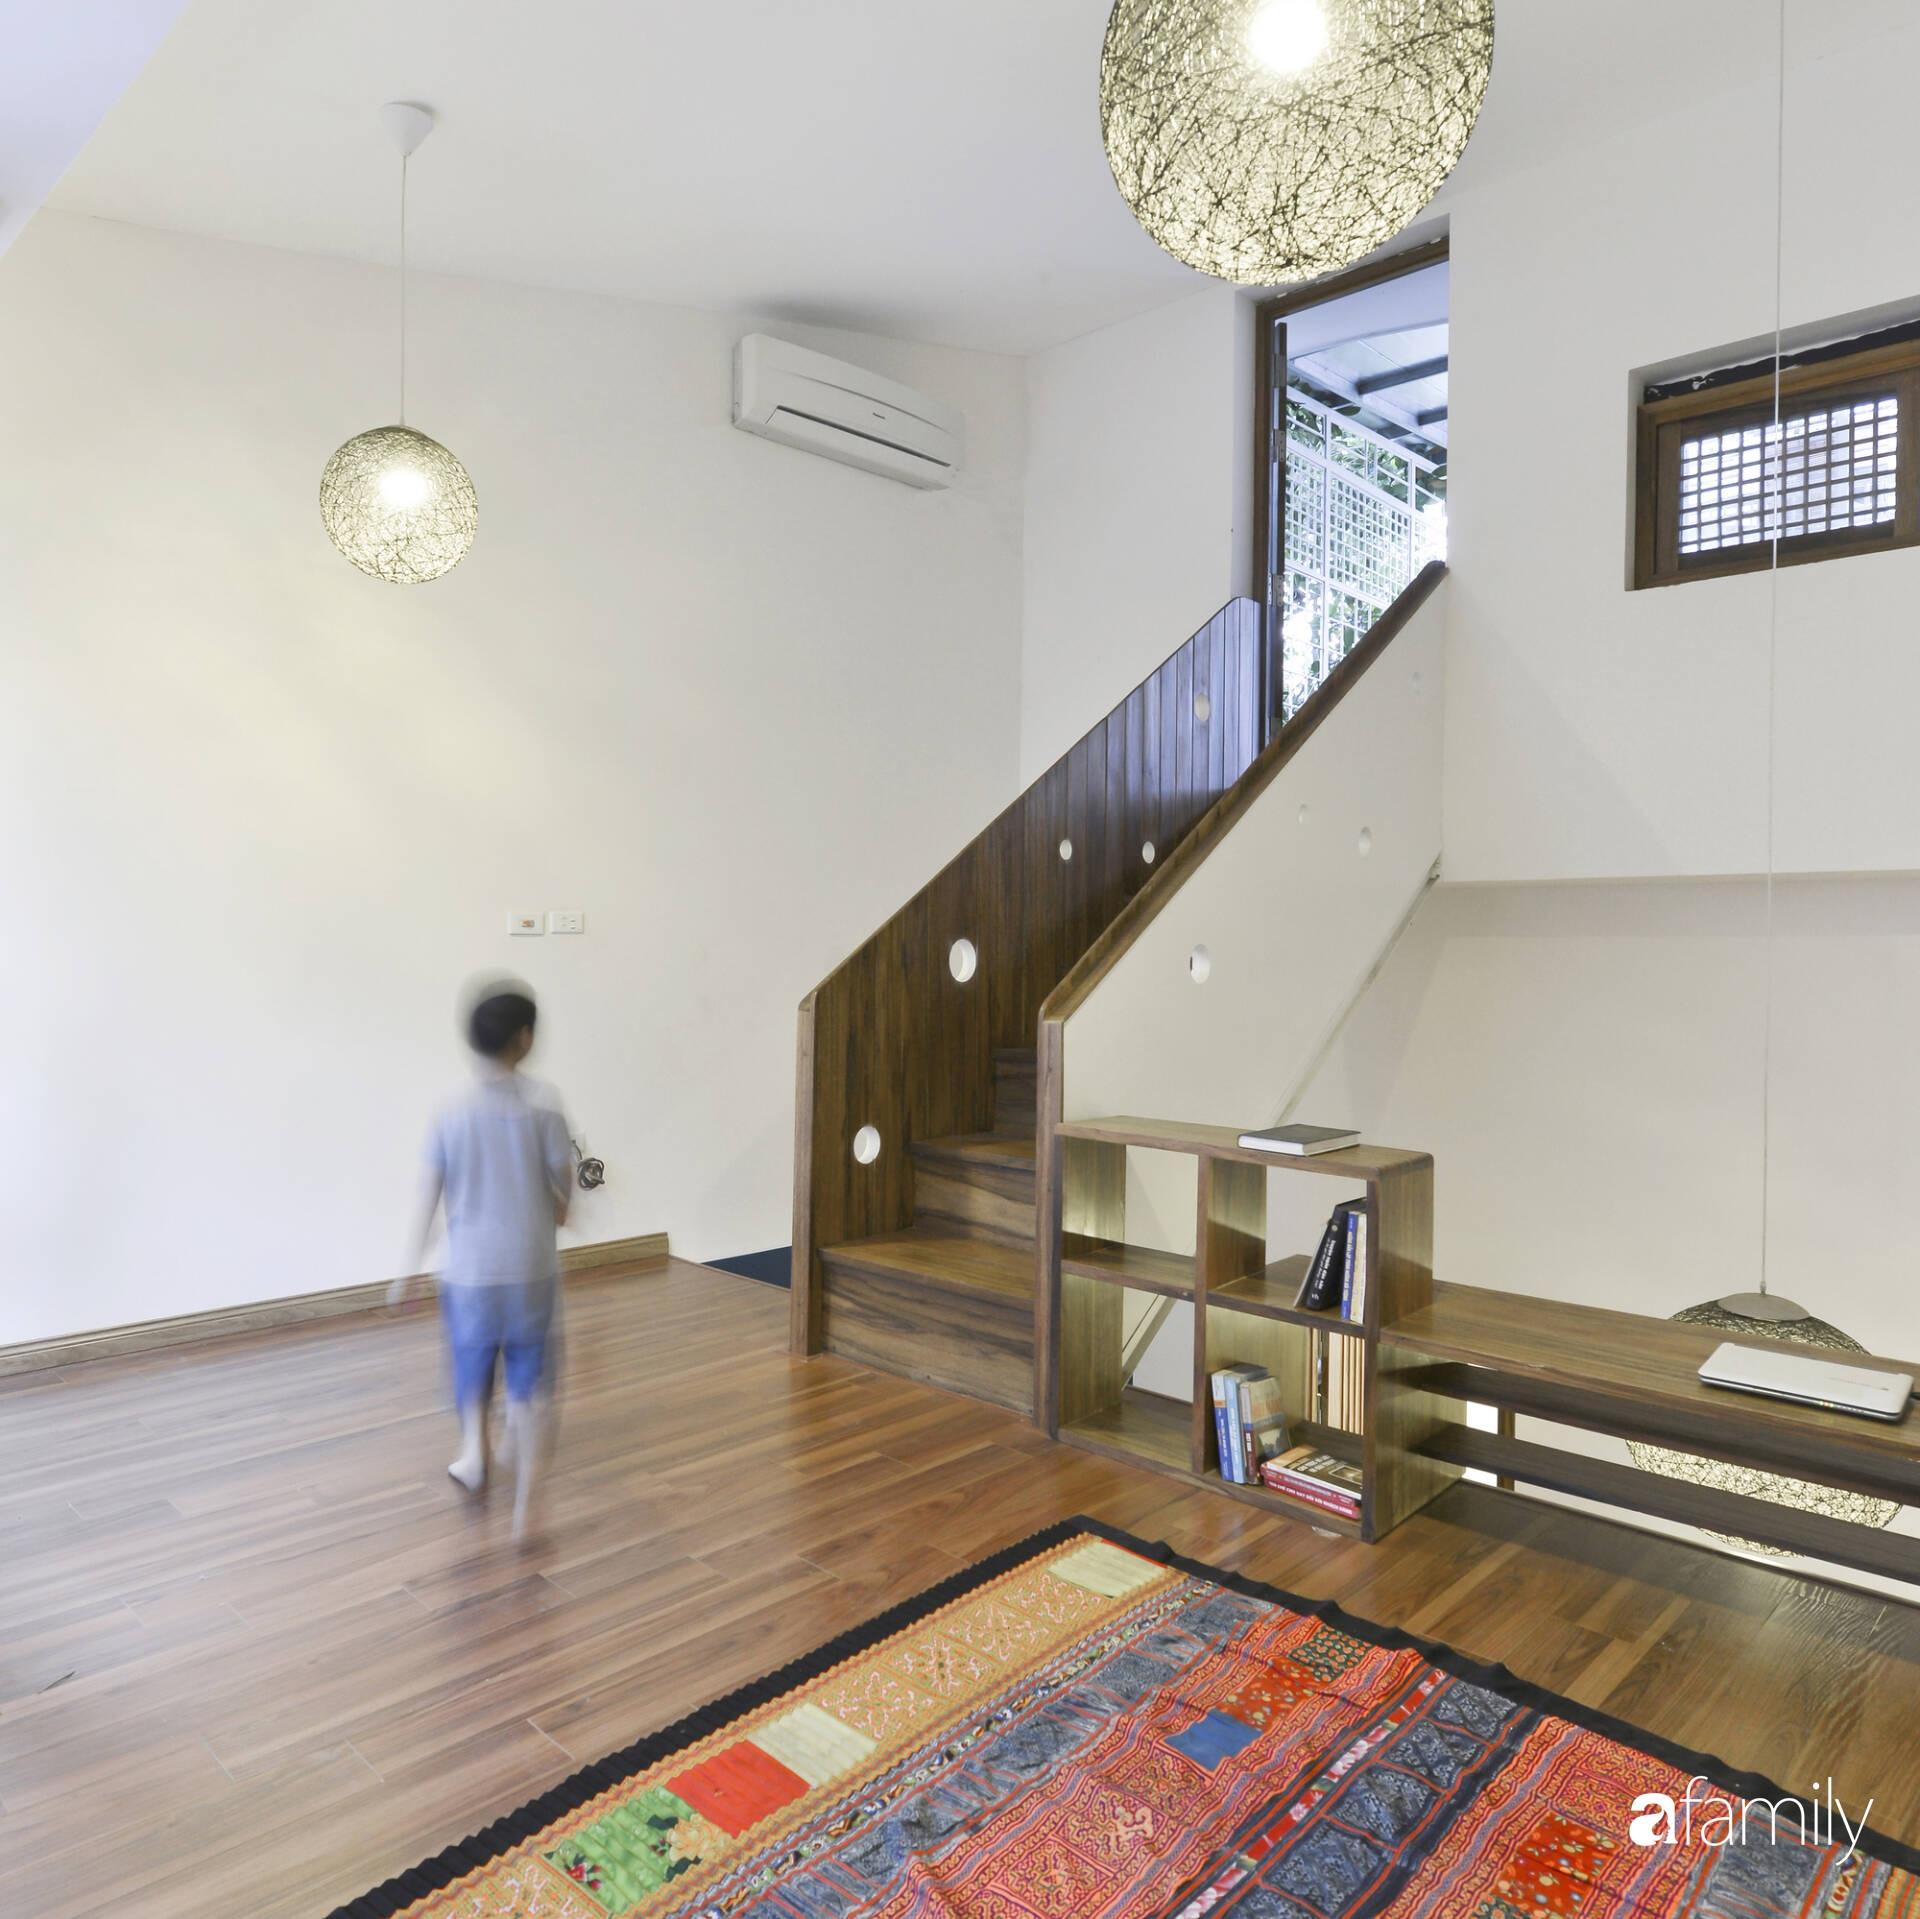 Vẻ đẹp của gỗ kết hợp nội thất đơn giản trong ngôi nhà 45,6m² ở ngõ nhỏ Hà Nội sau khi cải tạo - Ảnh 13.